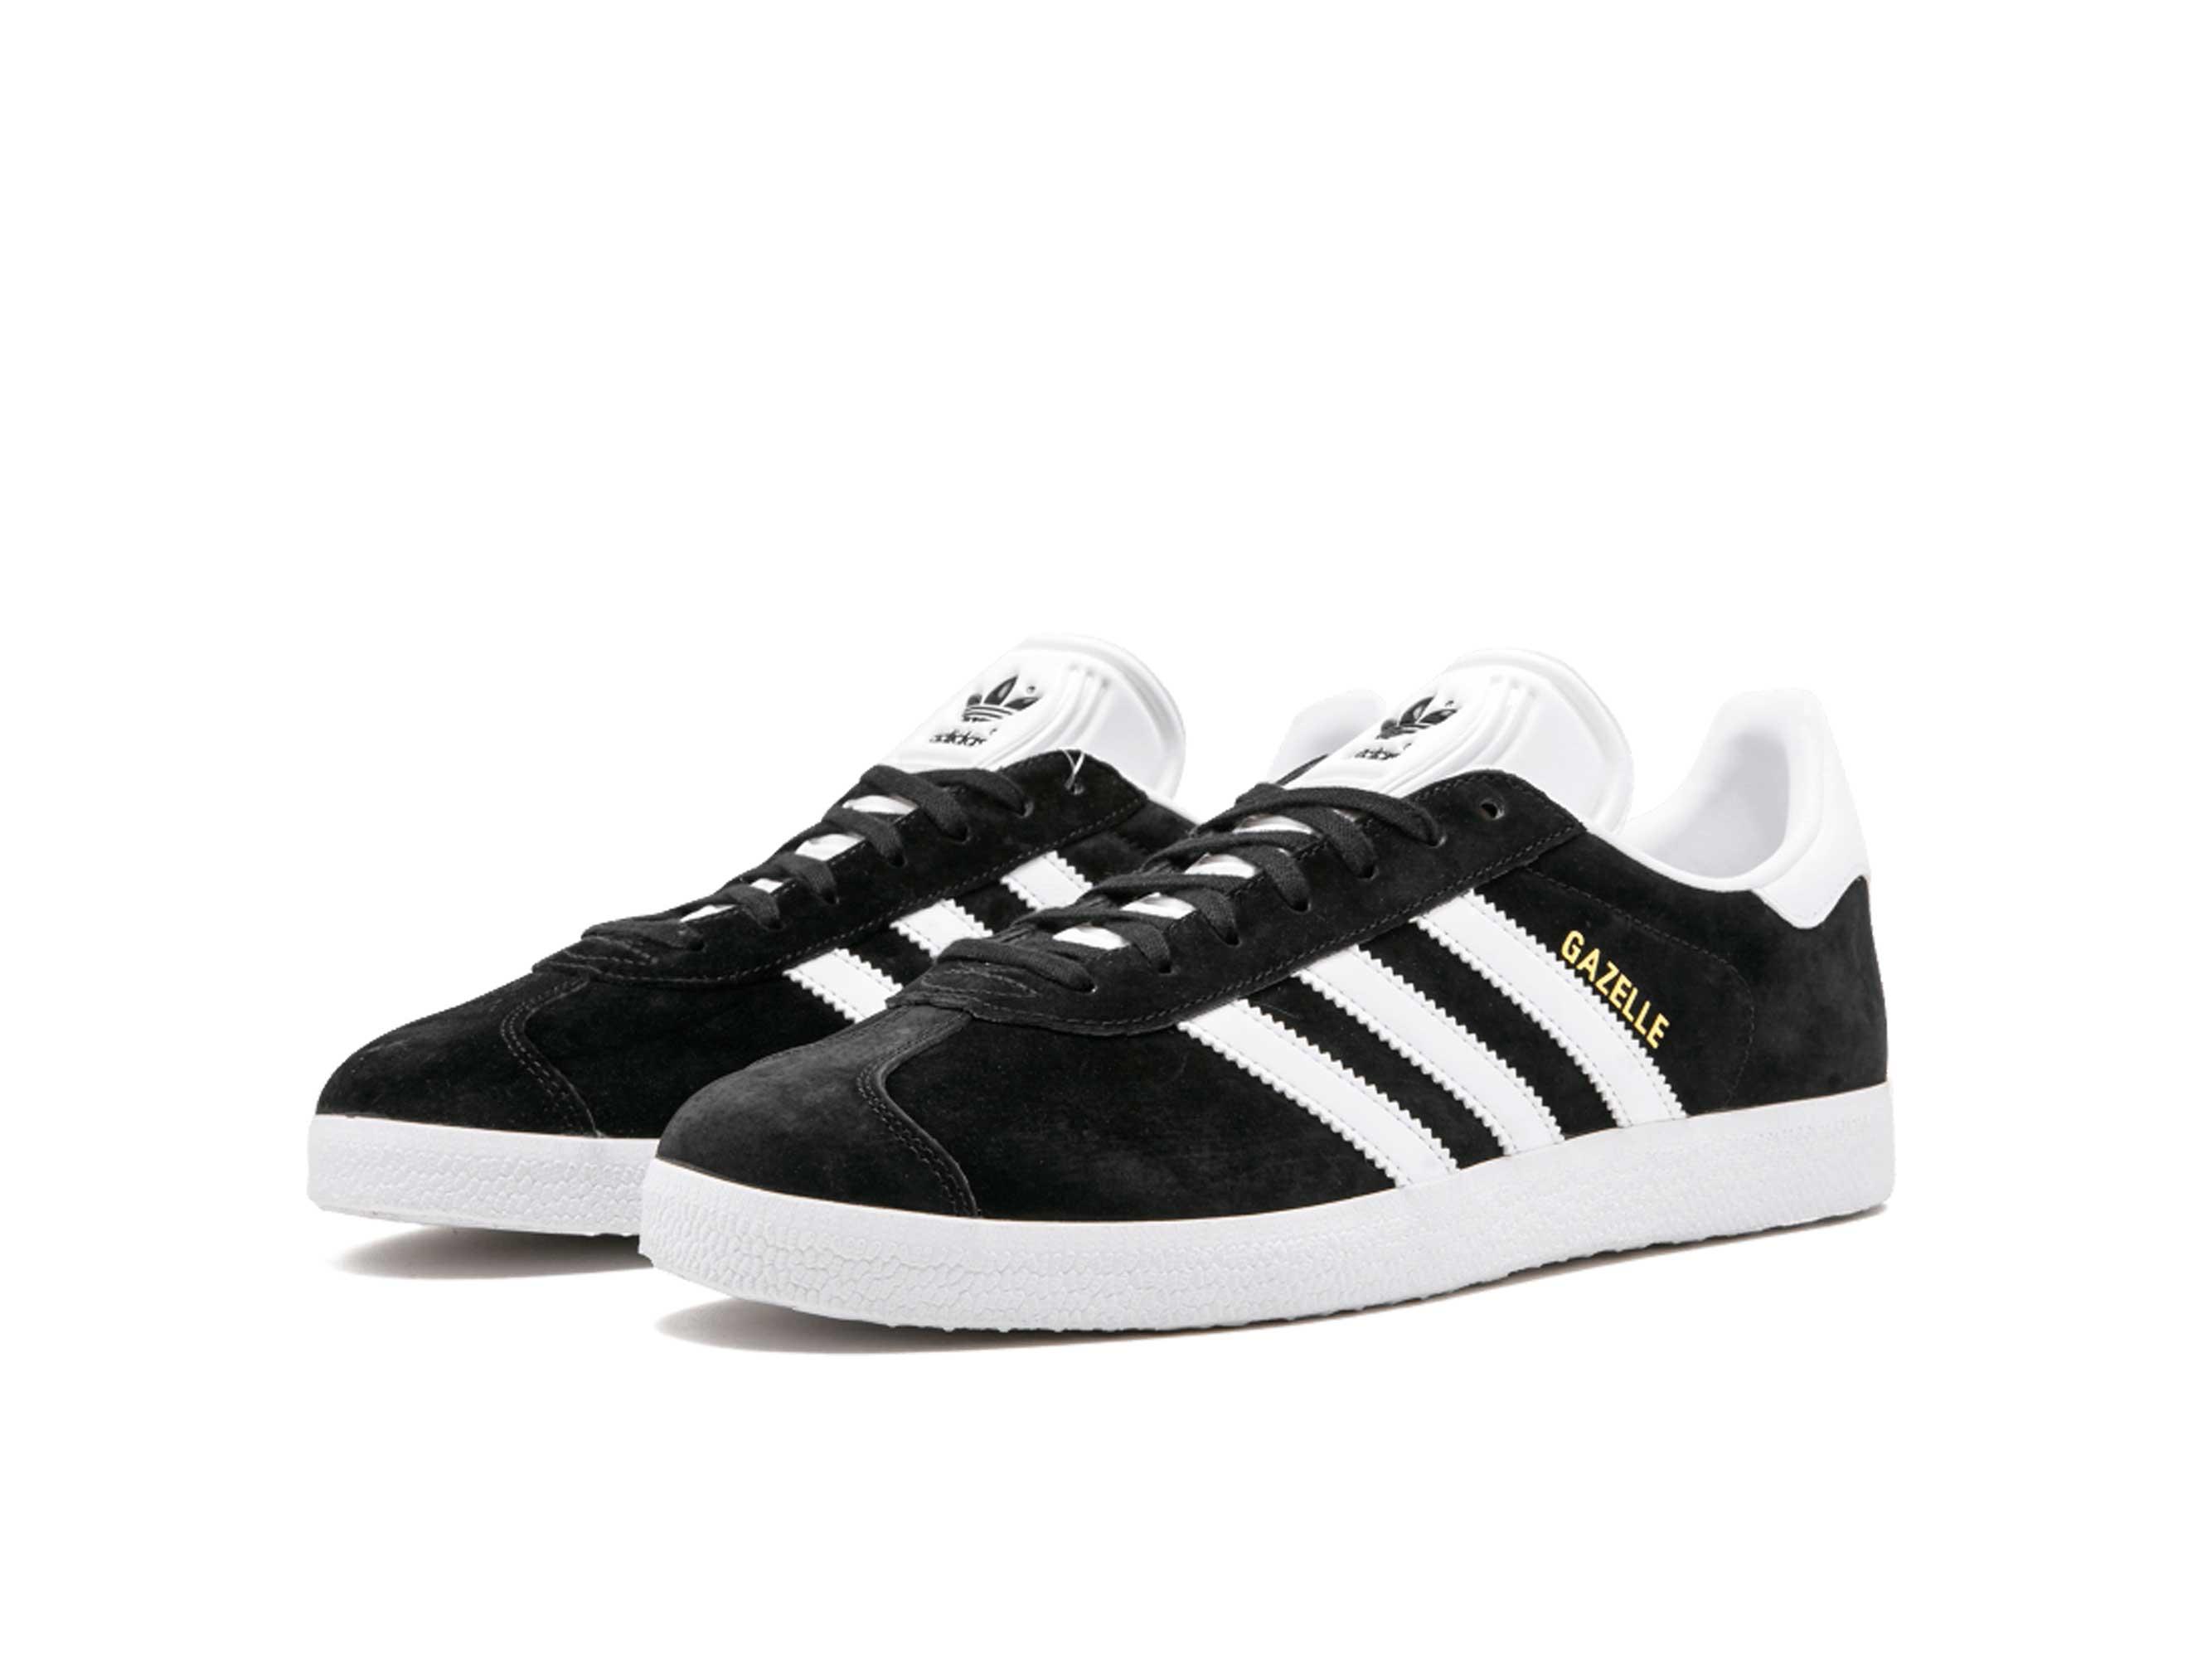 adidas gazelle black white